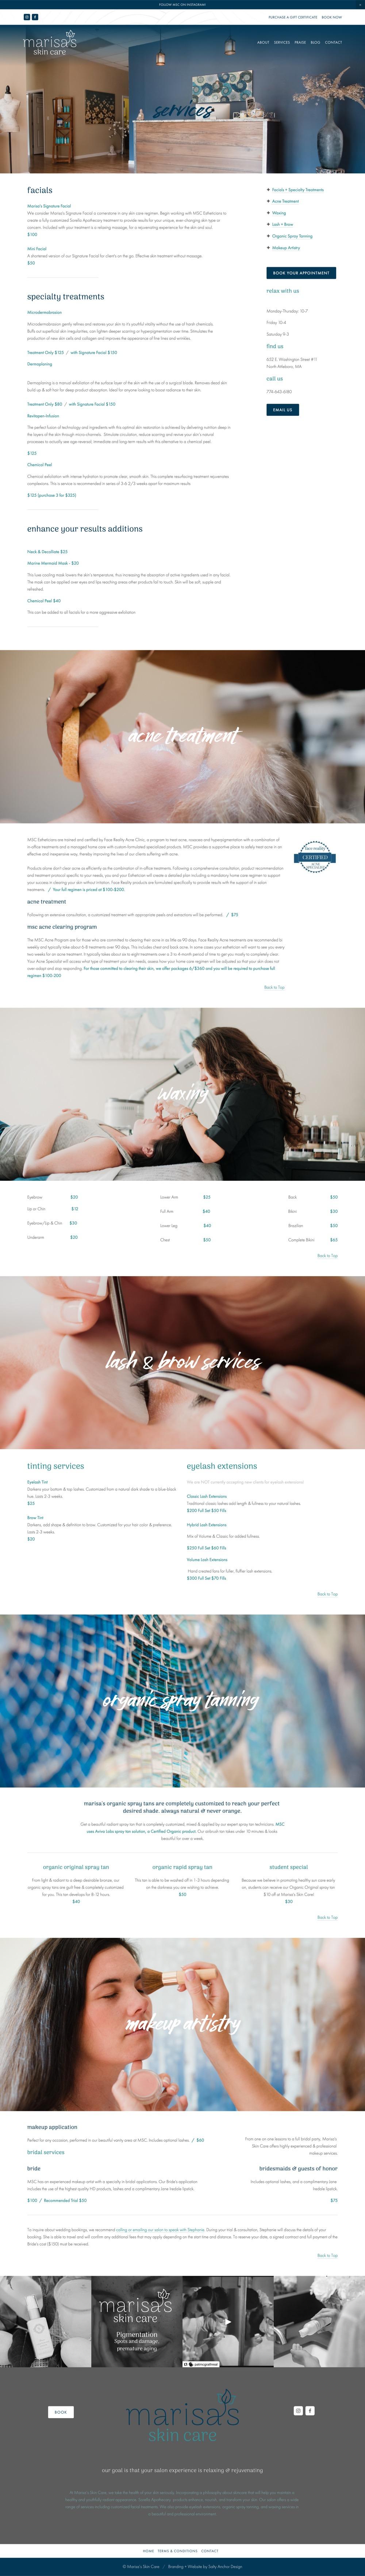 Squarespace Website Custom Design Services Menu